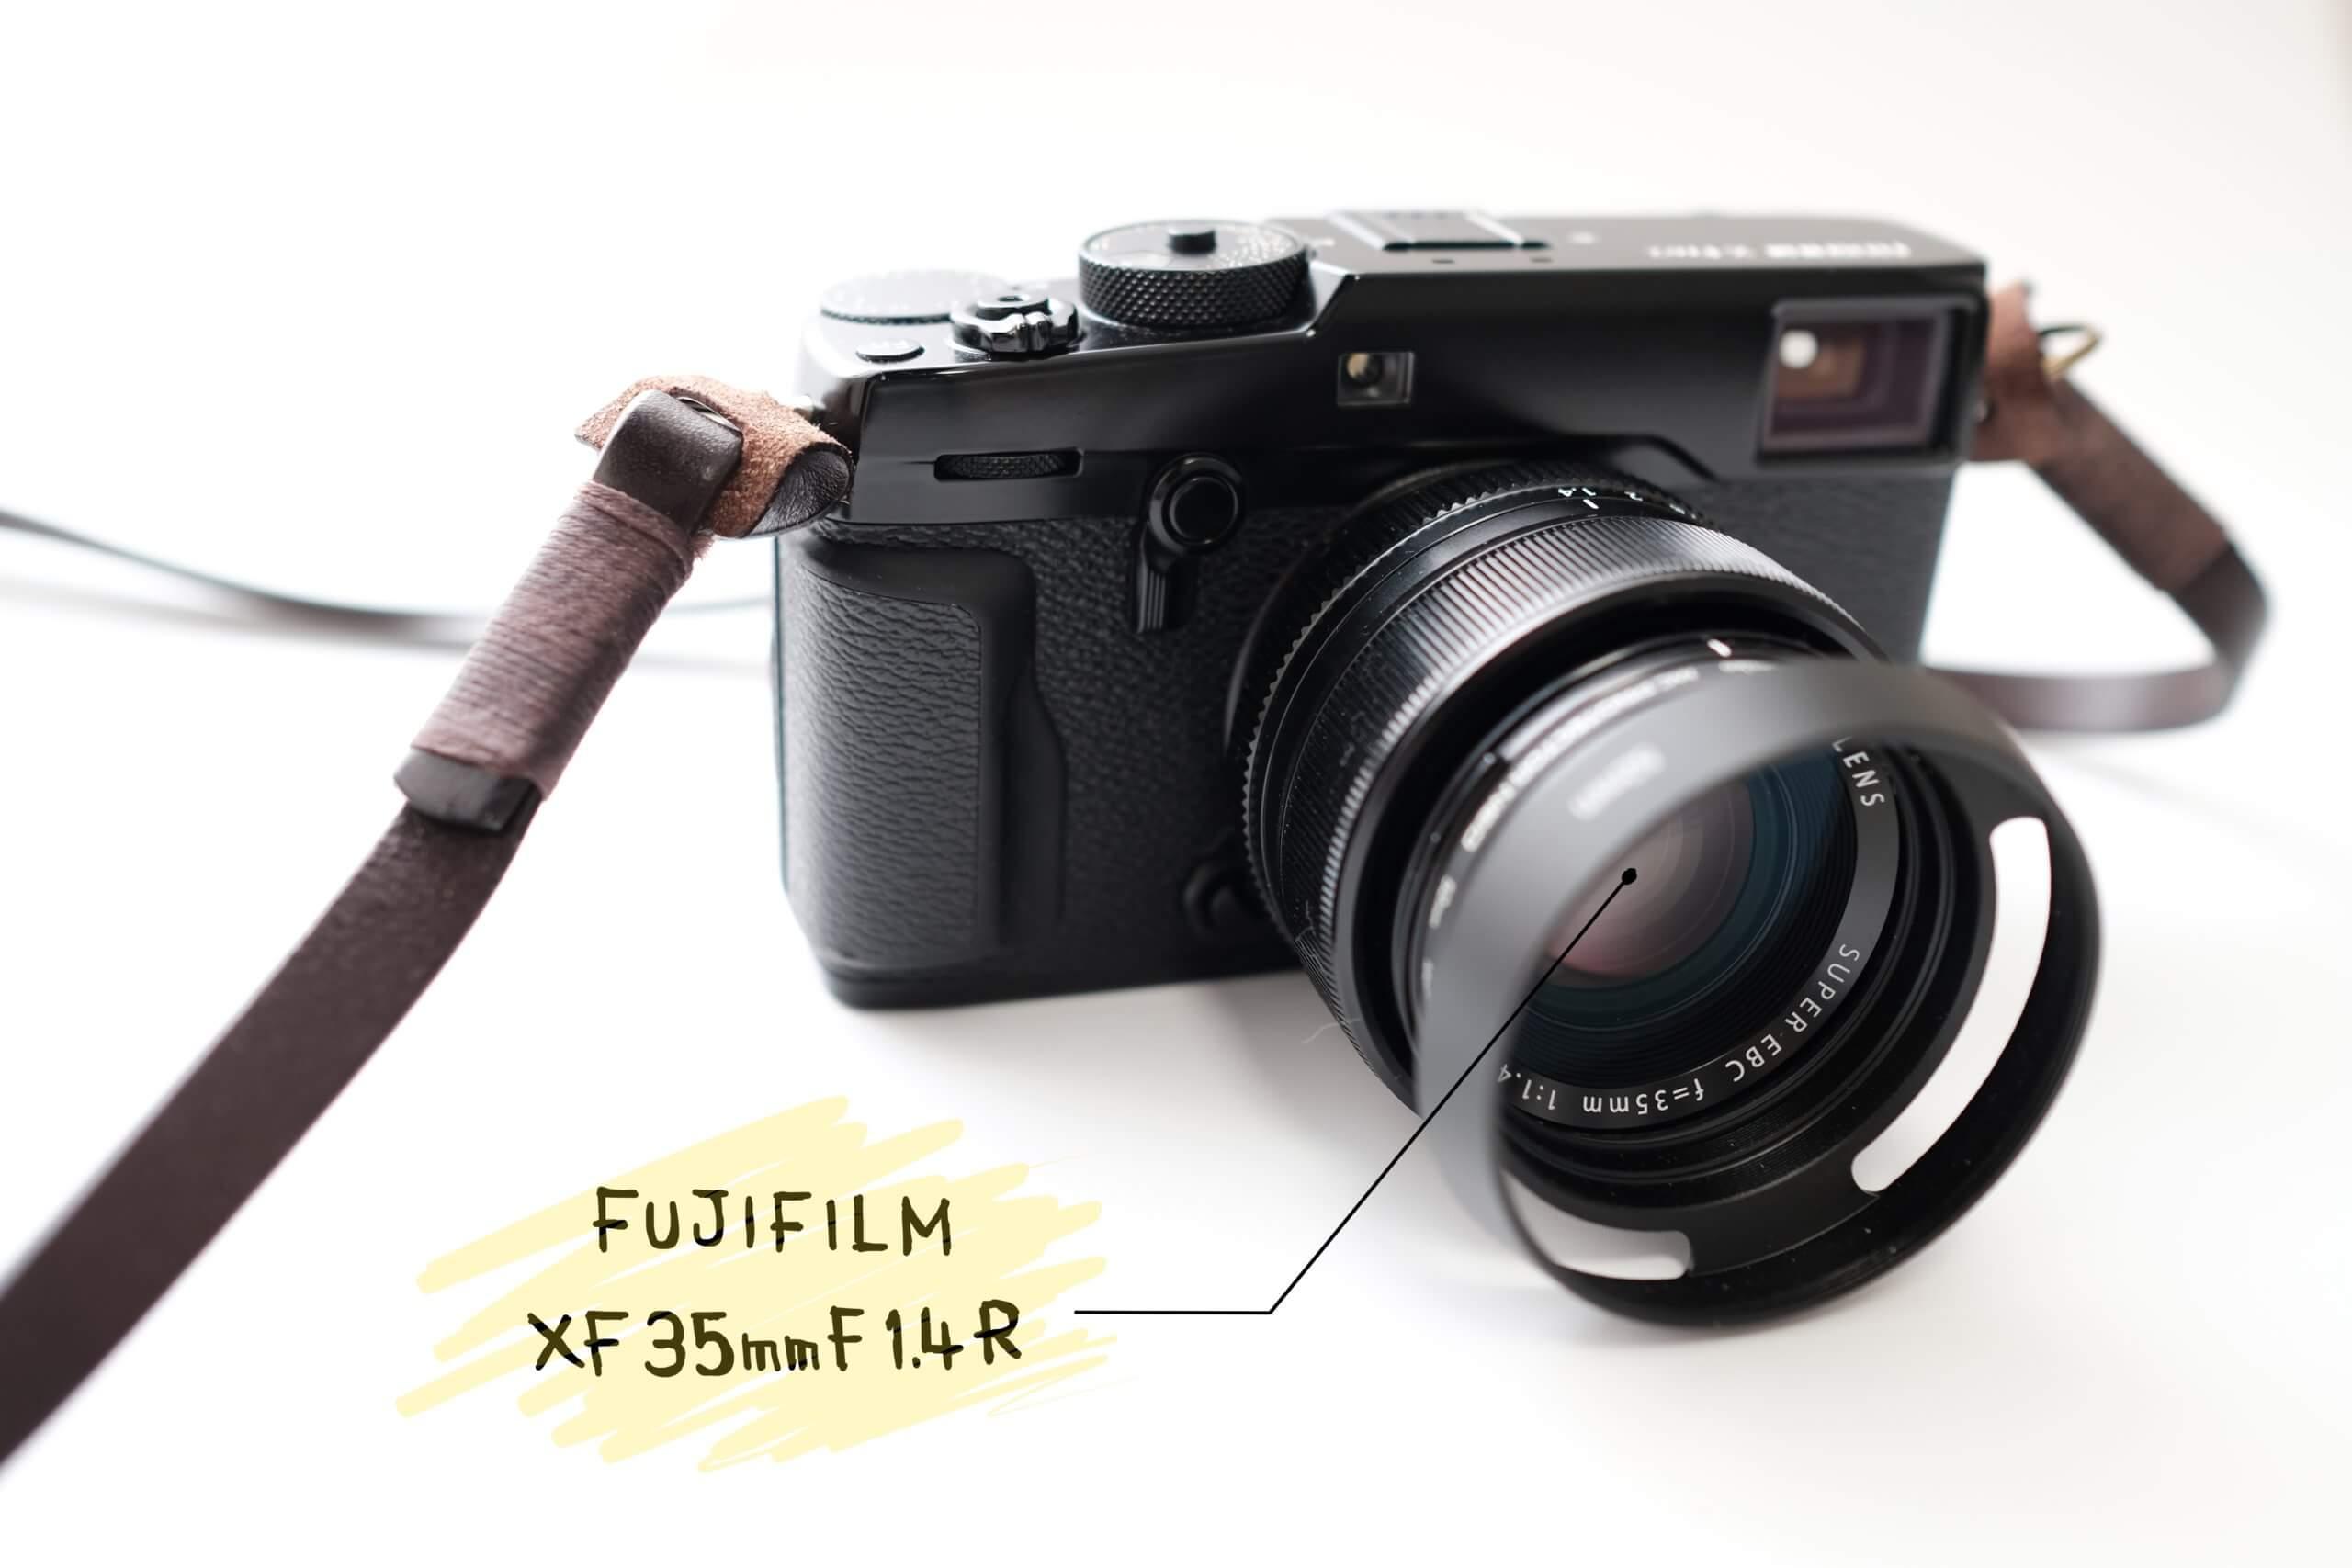 【作例レビュー】子供や家族写真撮るならこの単焦点レンズ!「FUJIFILM XF35mmF1.4 R」